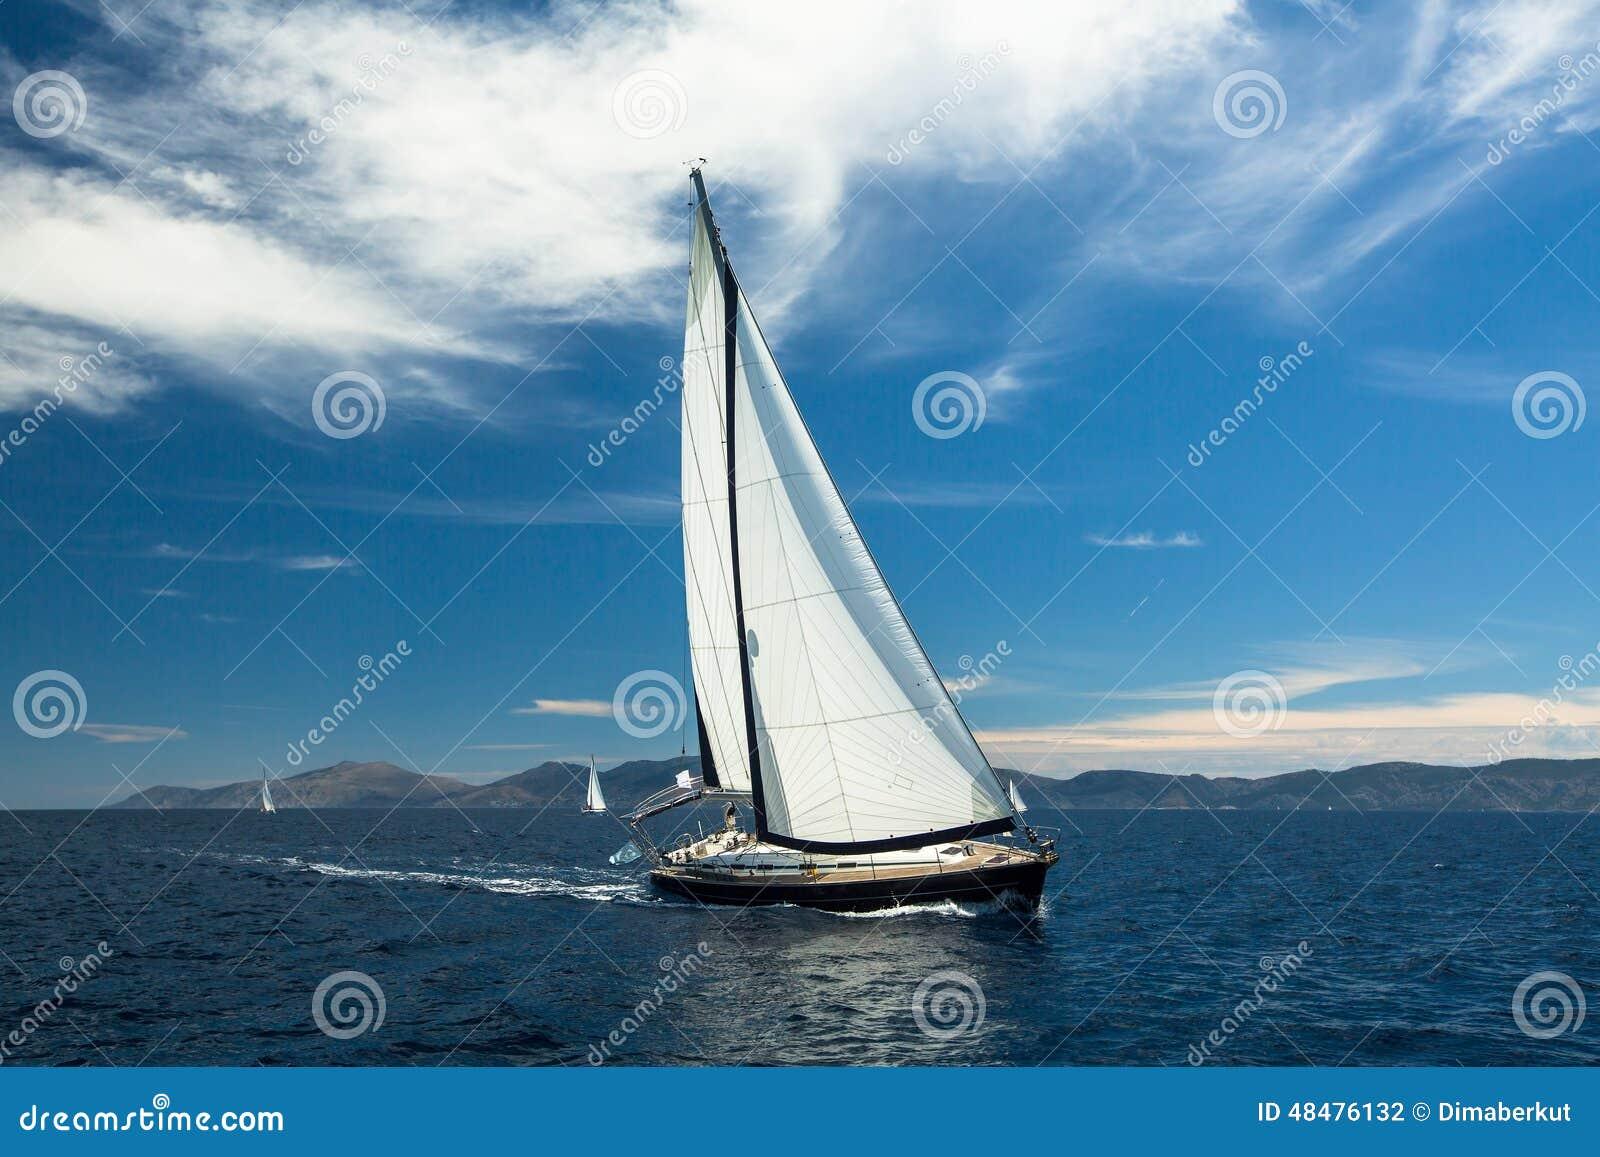 Yachting E Reihen von Luxusyachten am Jachthafendock Reise